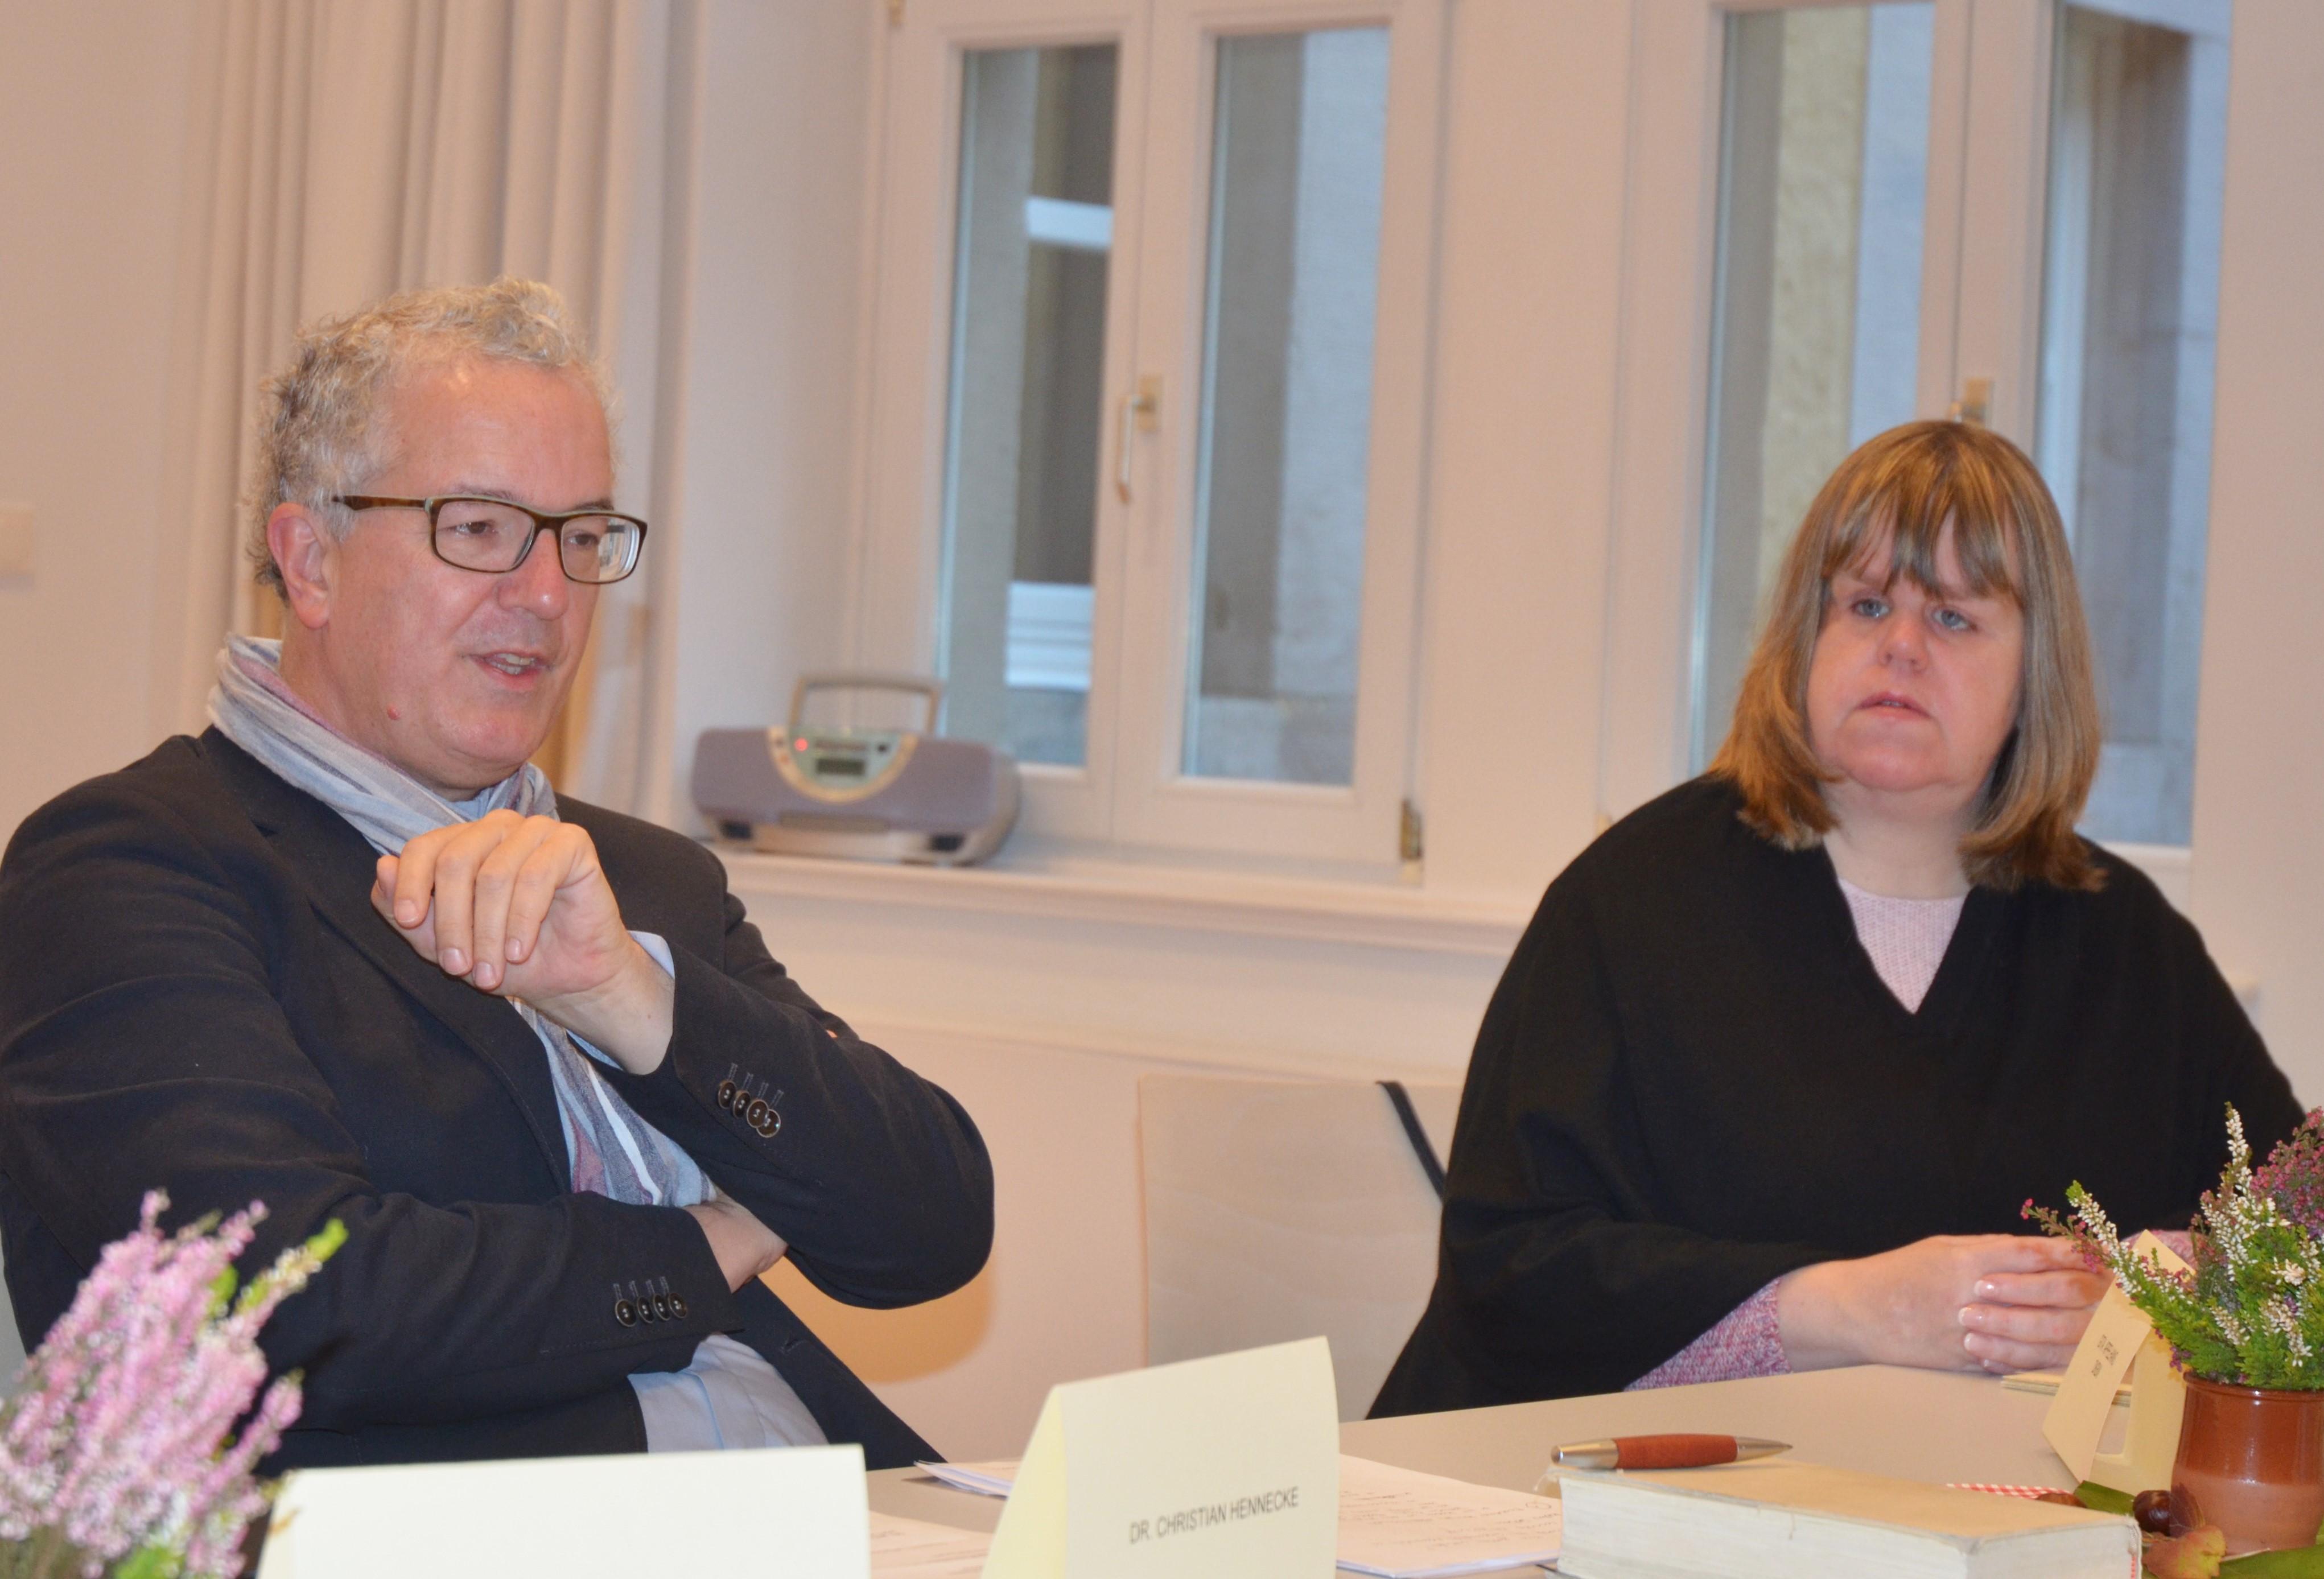 Dr. Christian Hennecke, Leiter Hauptabteilung Pastoral im Bistum Hildesheim und Margrita Appelhans, Mitglied im Vorstand des Deutschen Katholischen Blindenwerks